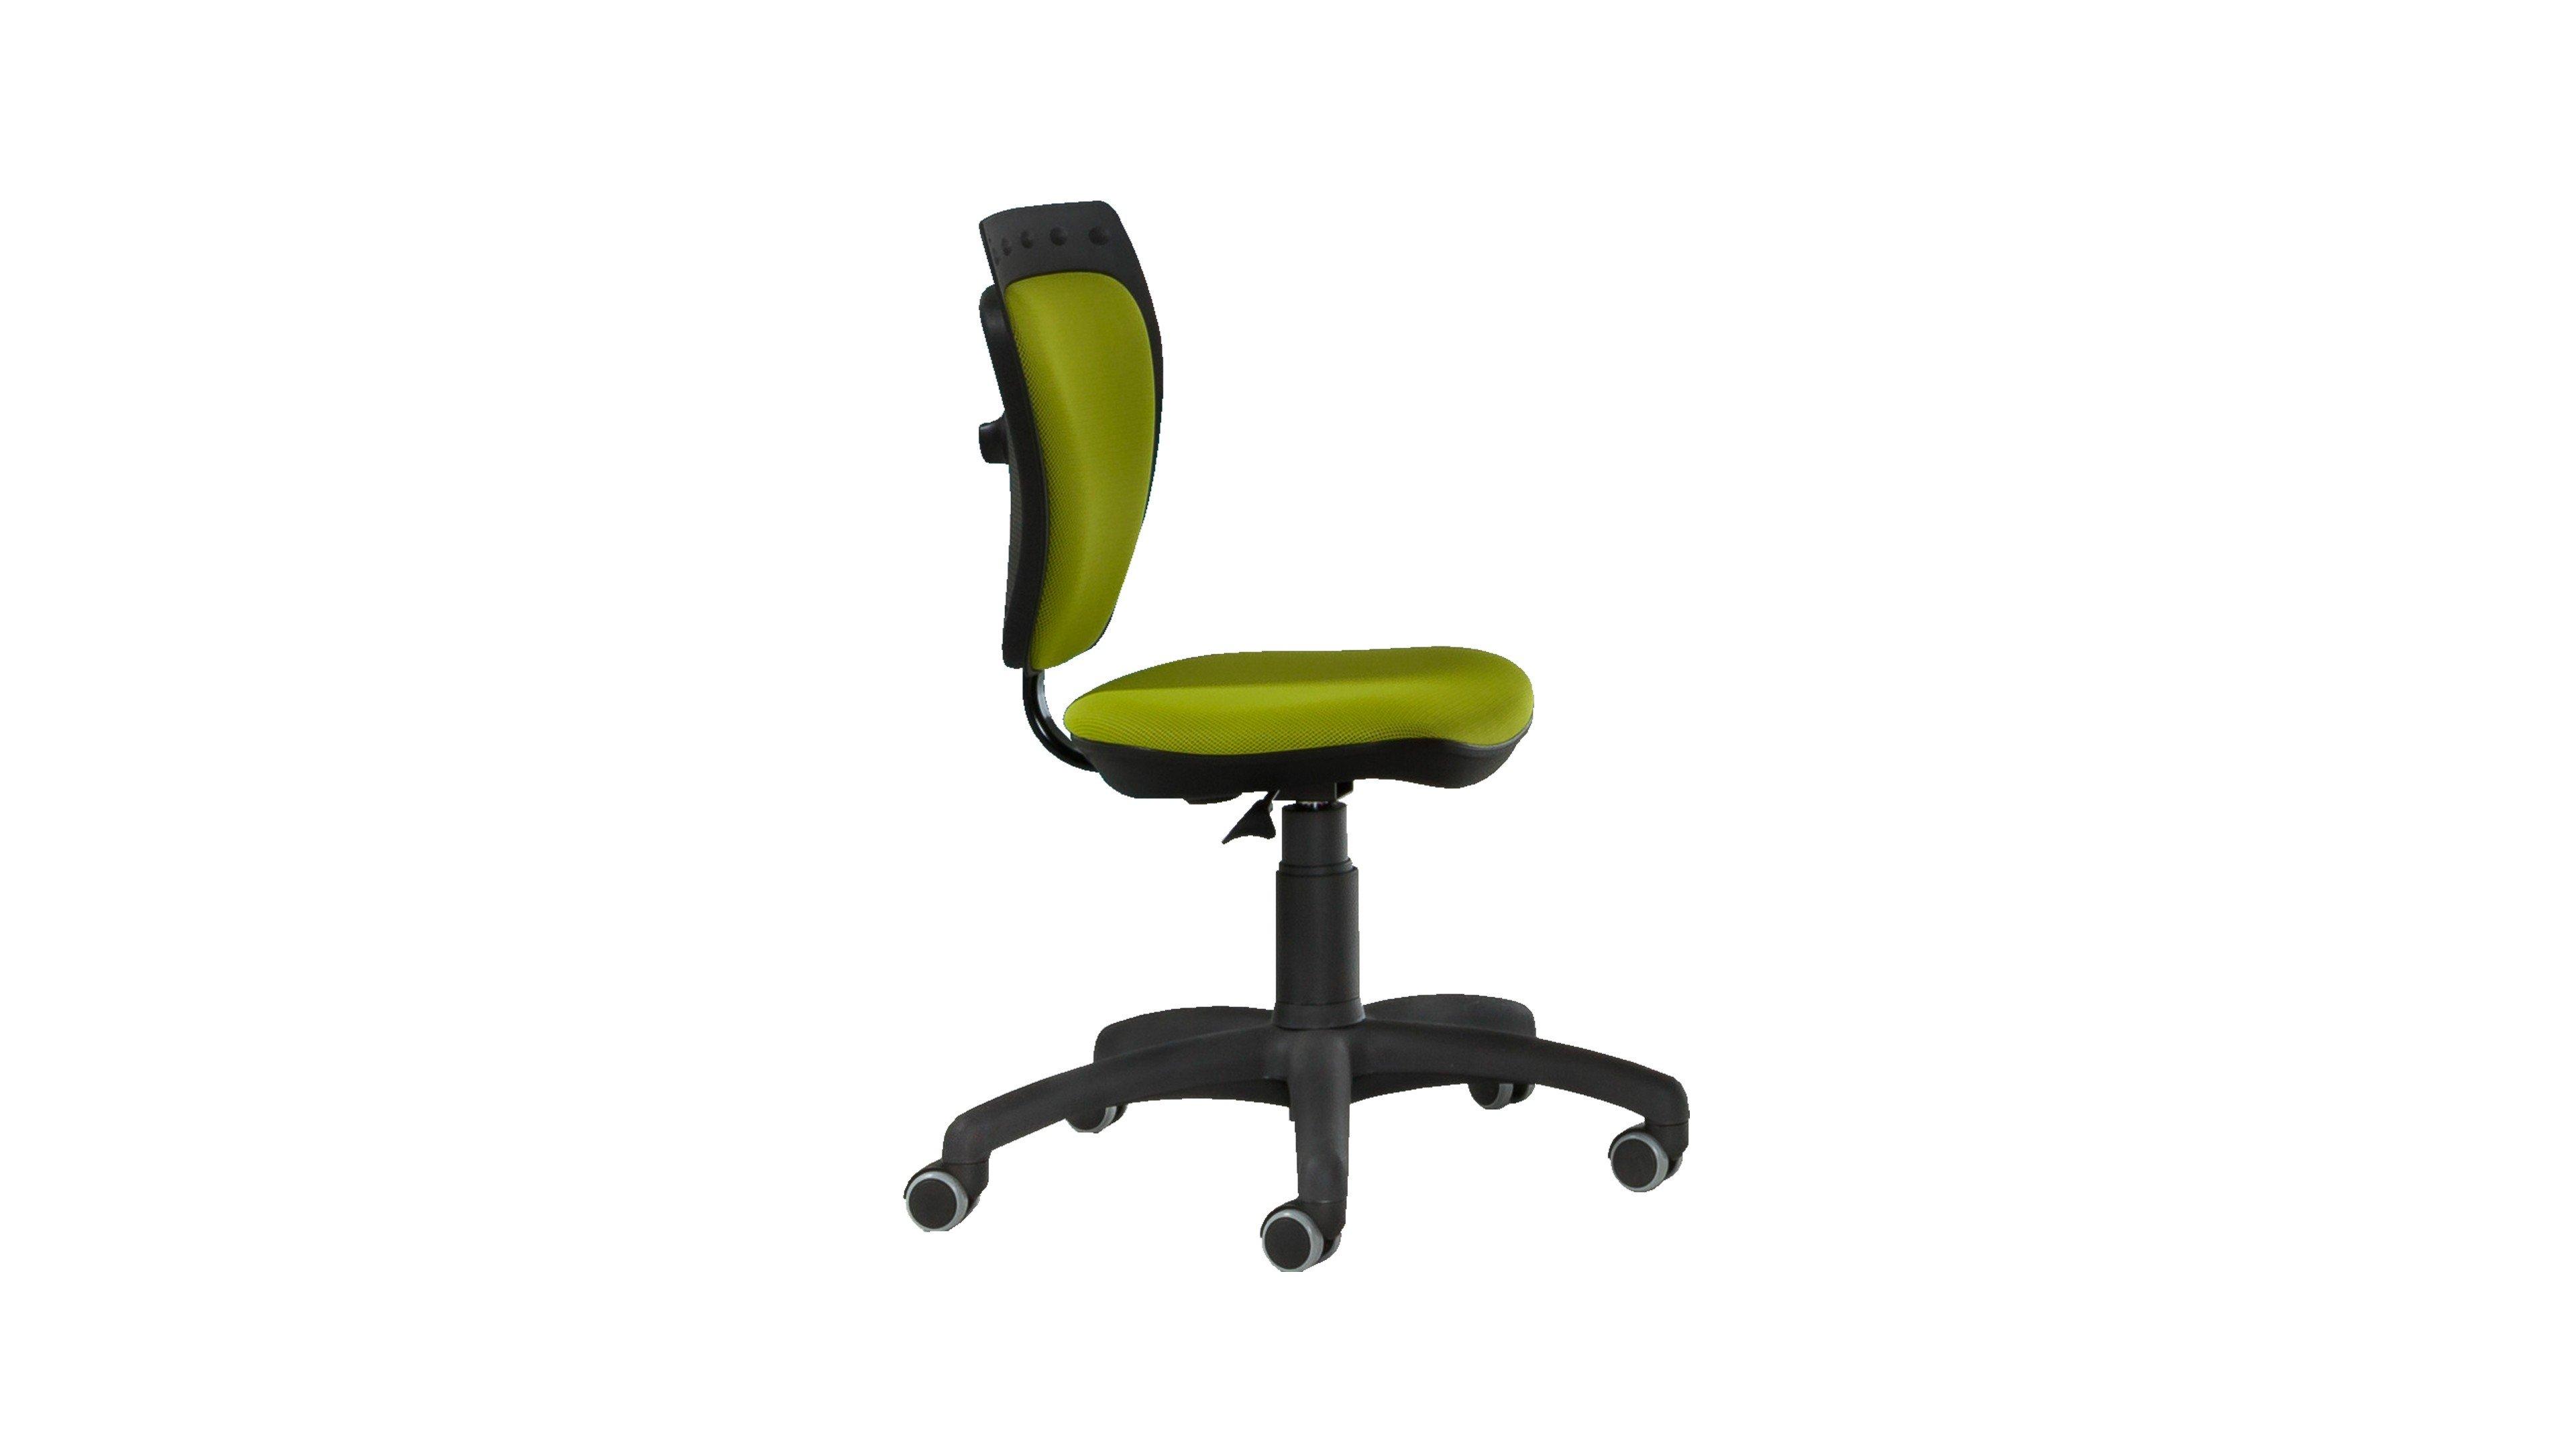 Drehstuhl Ministyle KunstfaserChemiefaser/Polyester (PES),Kunststoff,Stoff